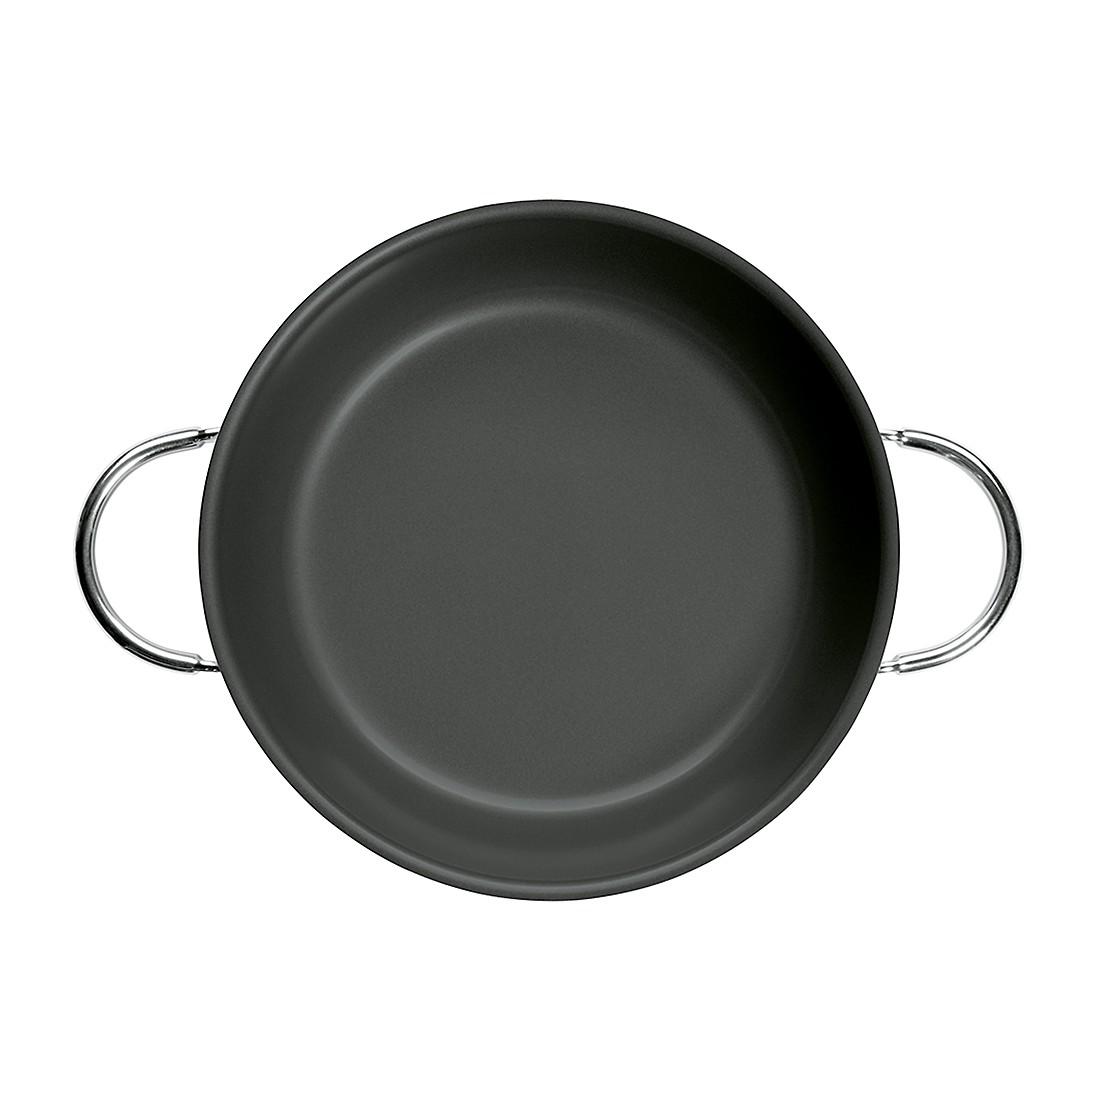 Servierpfanne CeraDur® Profi (20 cm), WMF kaufen